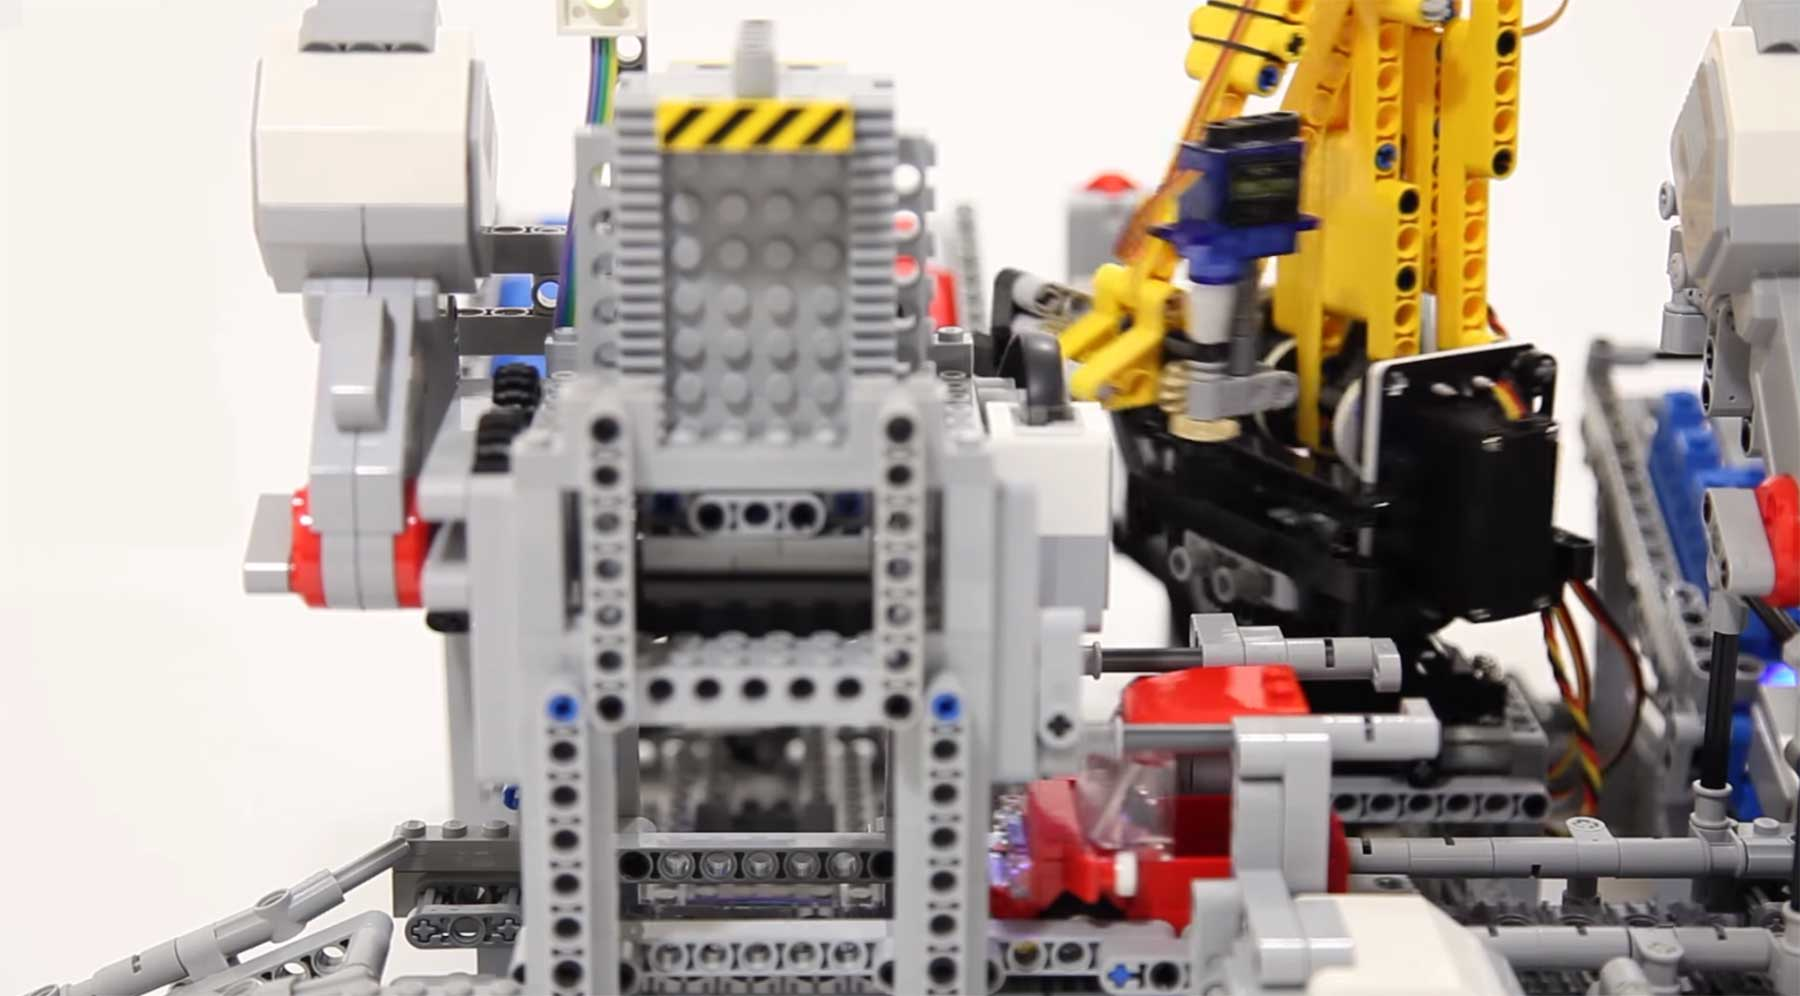 Ein funktionierendes Autofertigungsband aus LEGO